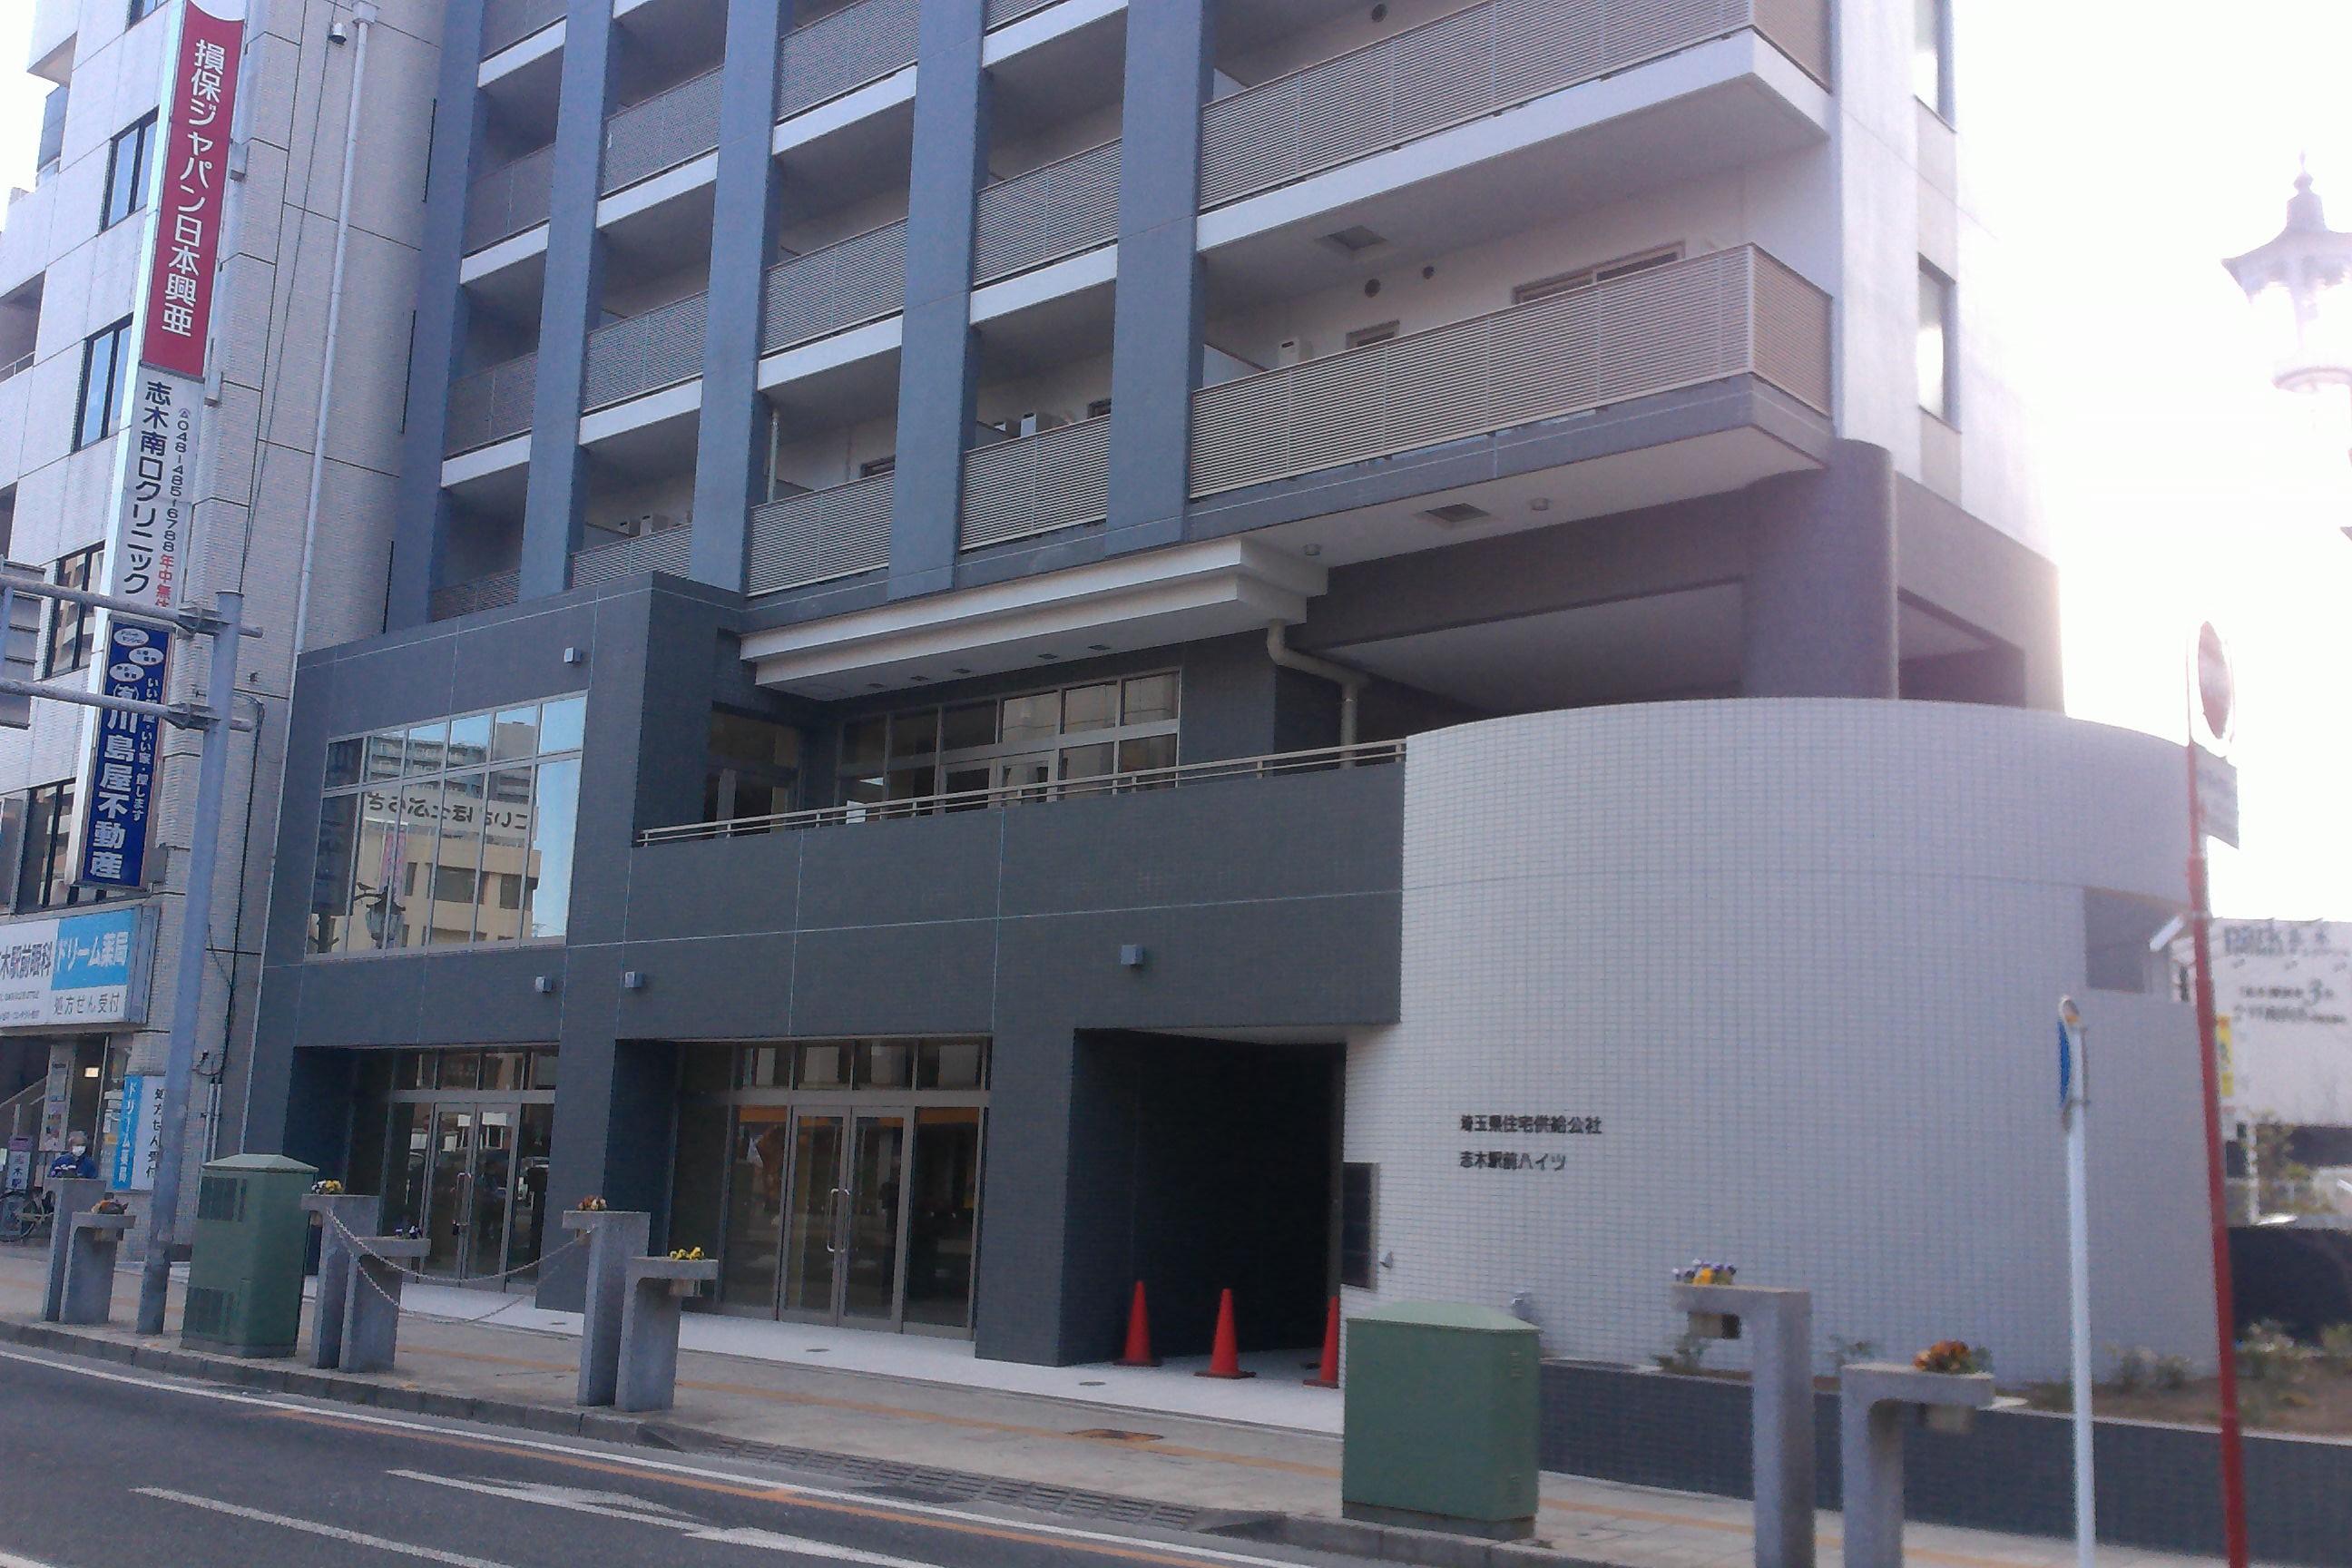 志木駅前2 (1).JPG